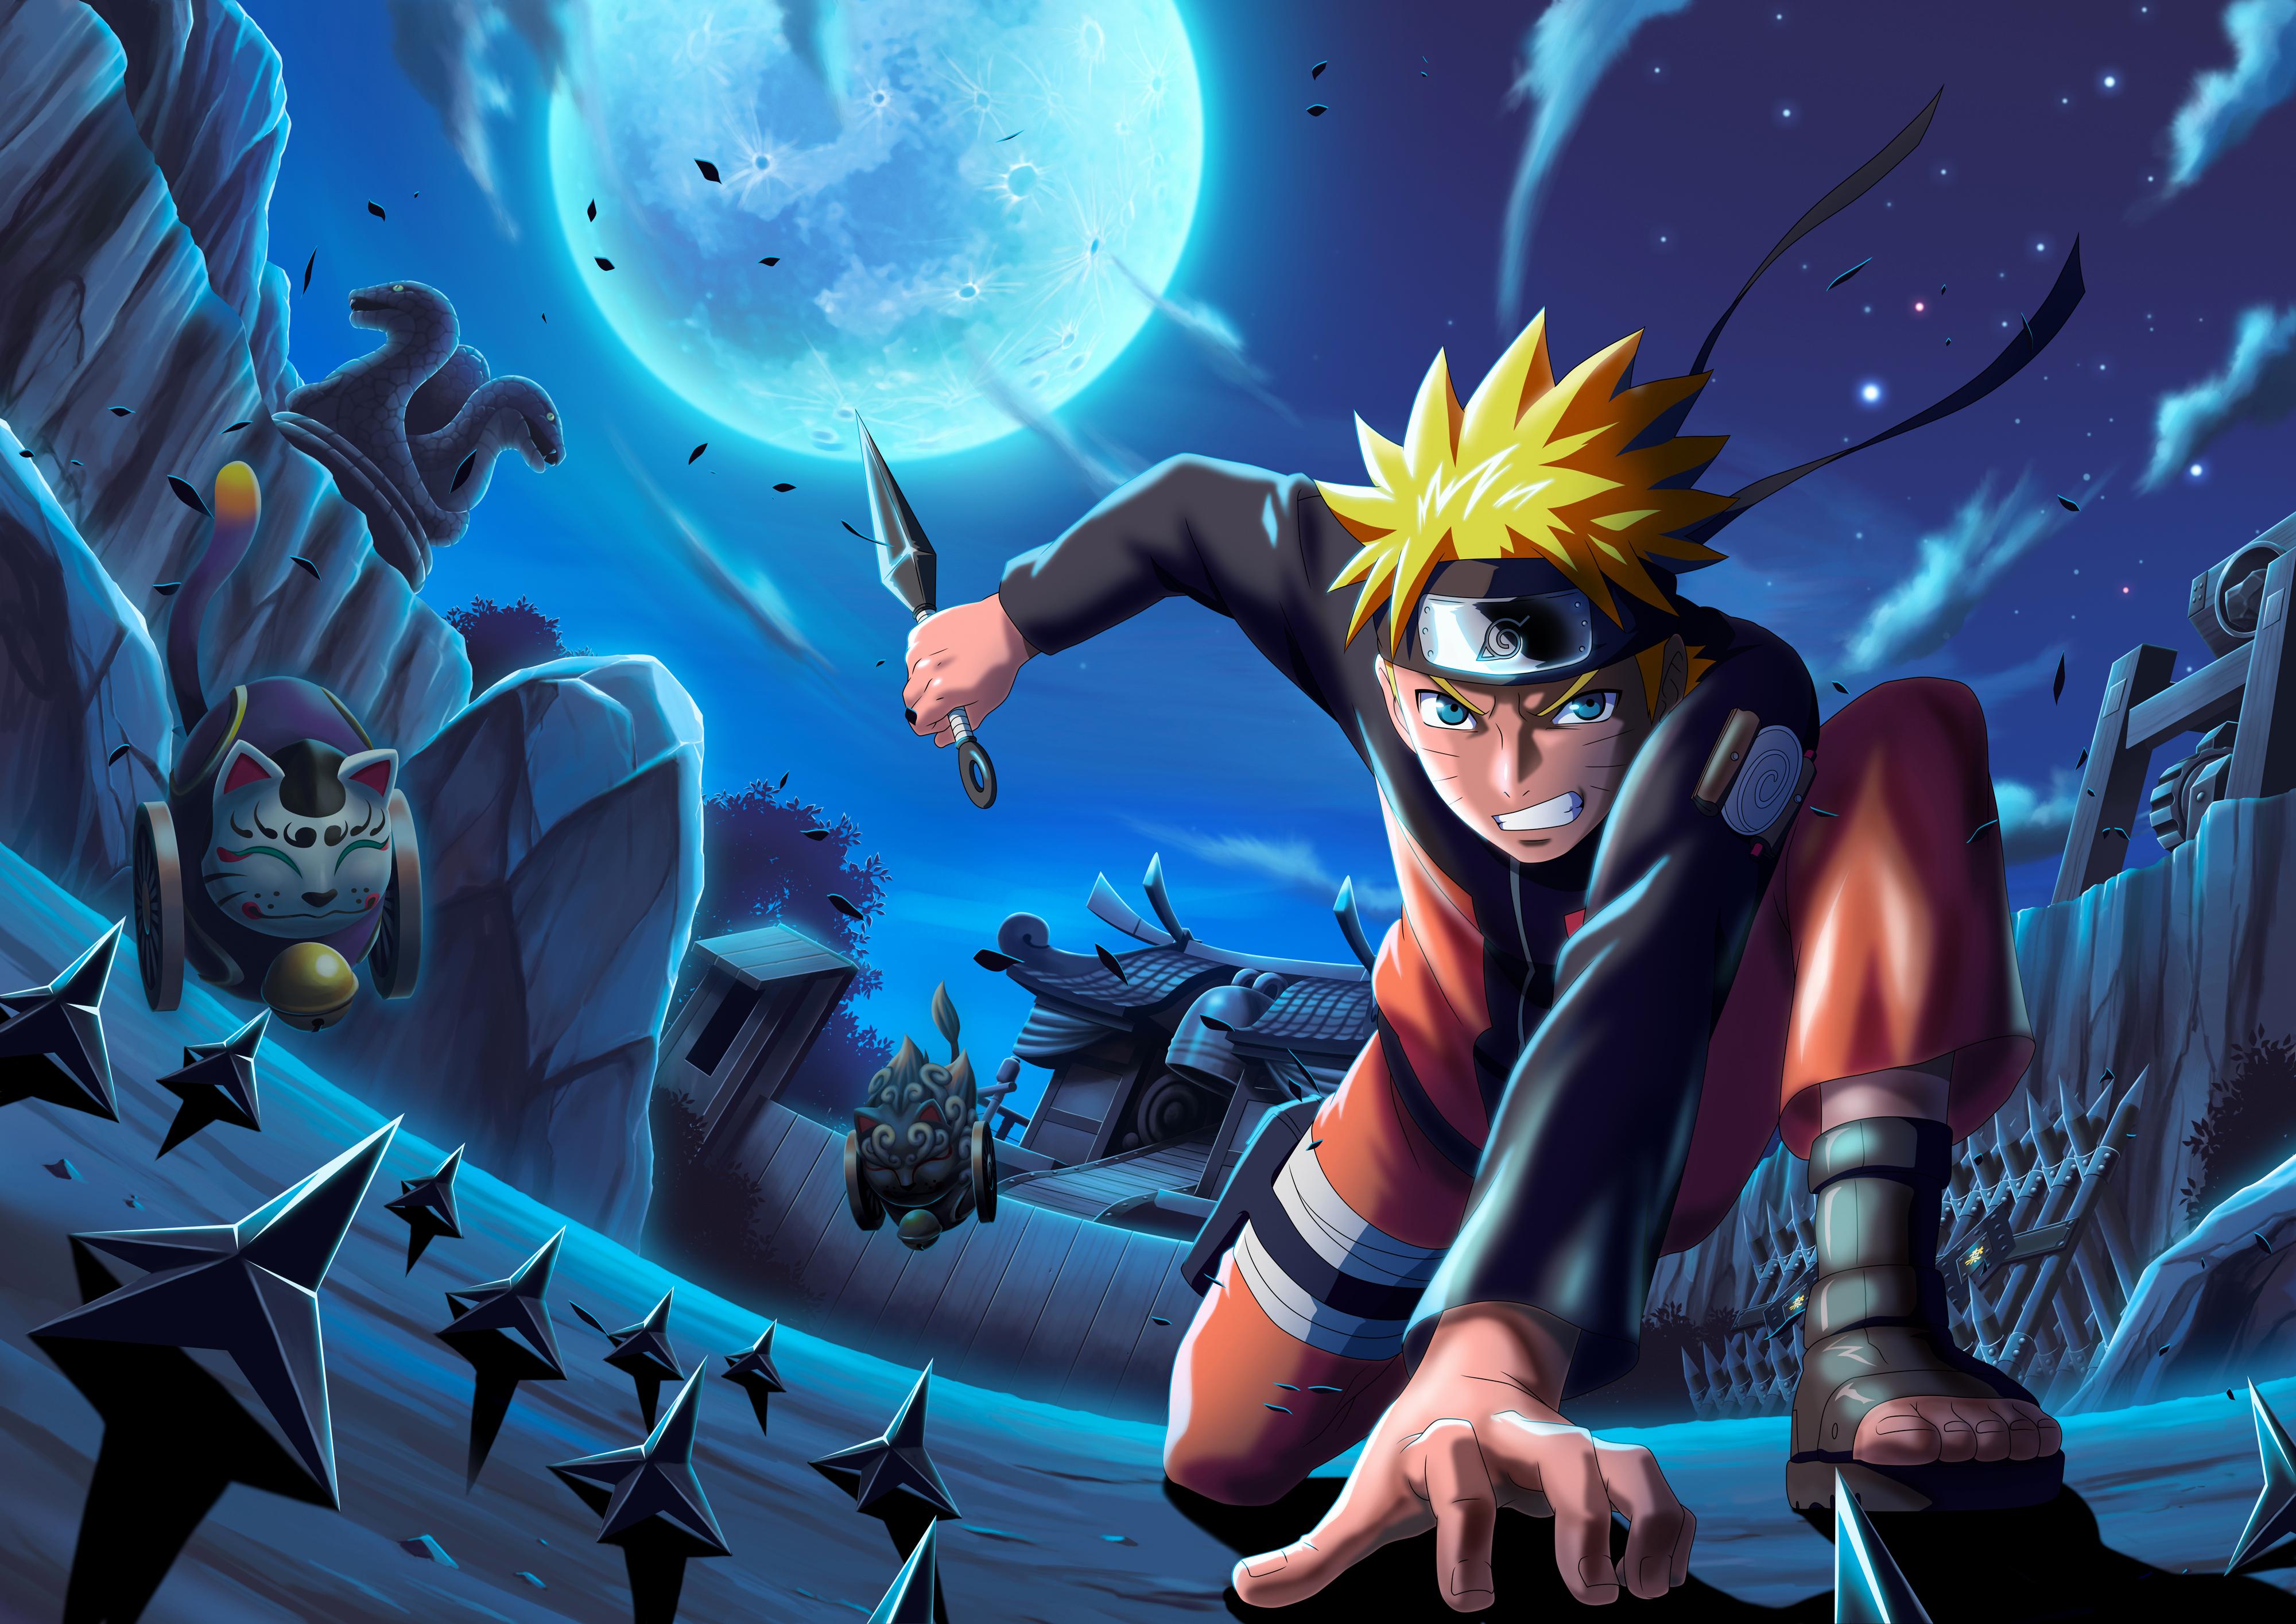 Ảnh Naruto ánh trăng